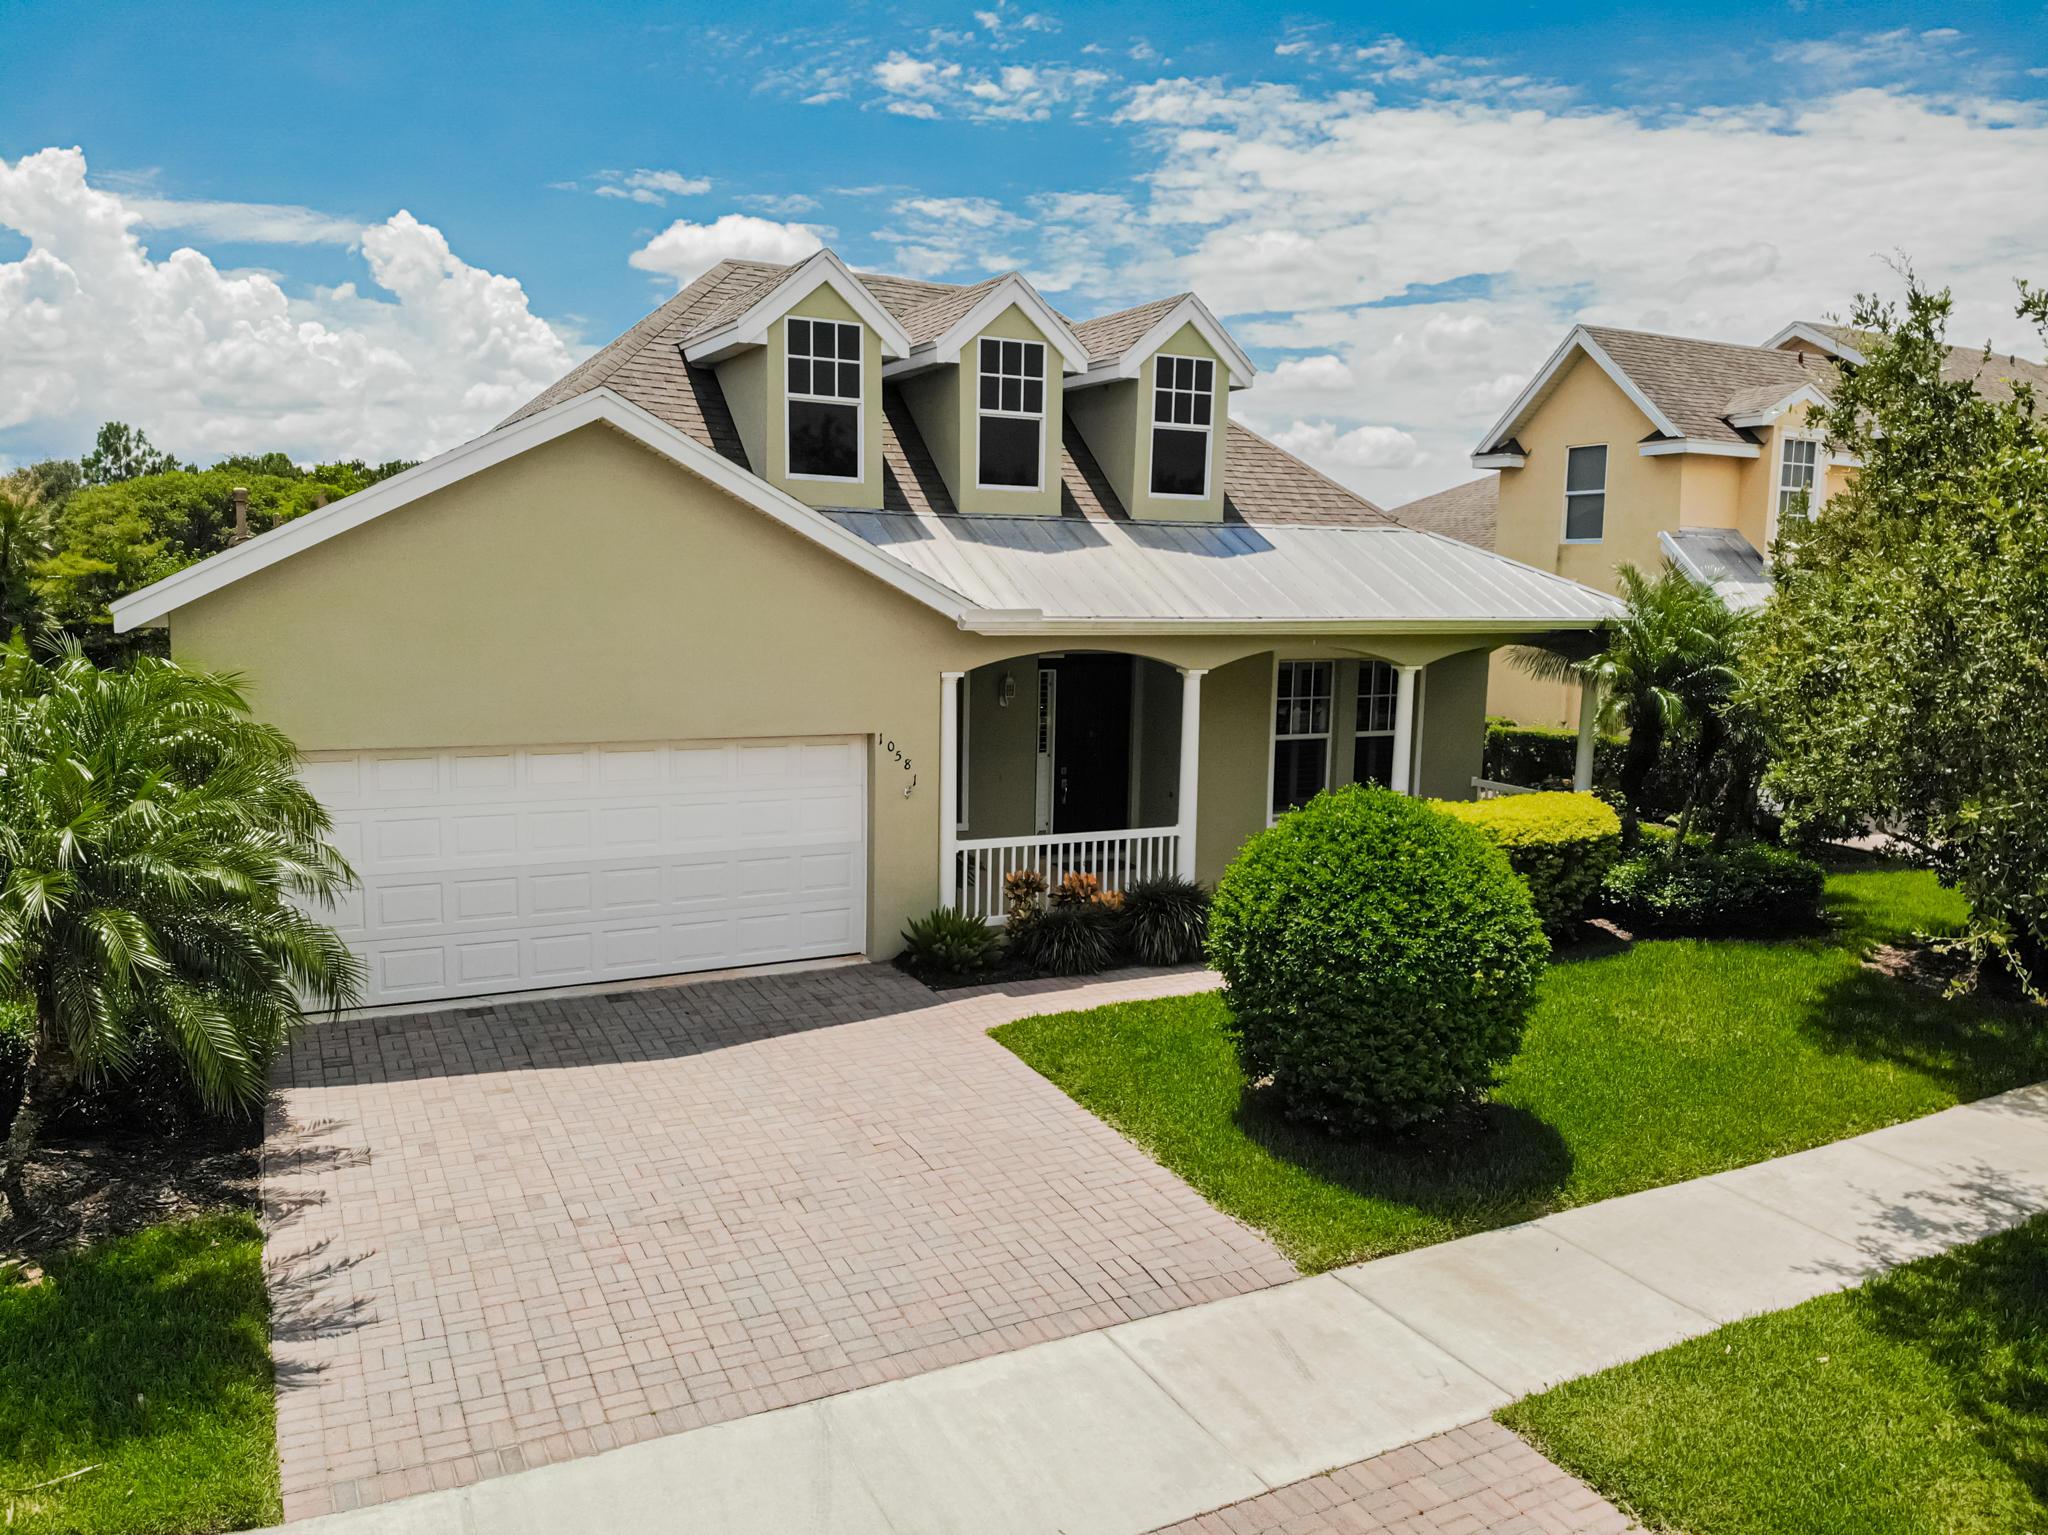 10581 Waterway Lane Sw, Port Saint Lucie, FL 34987